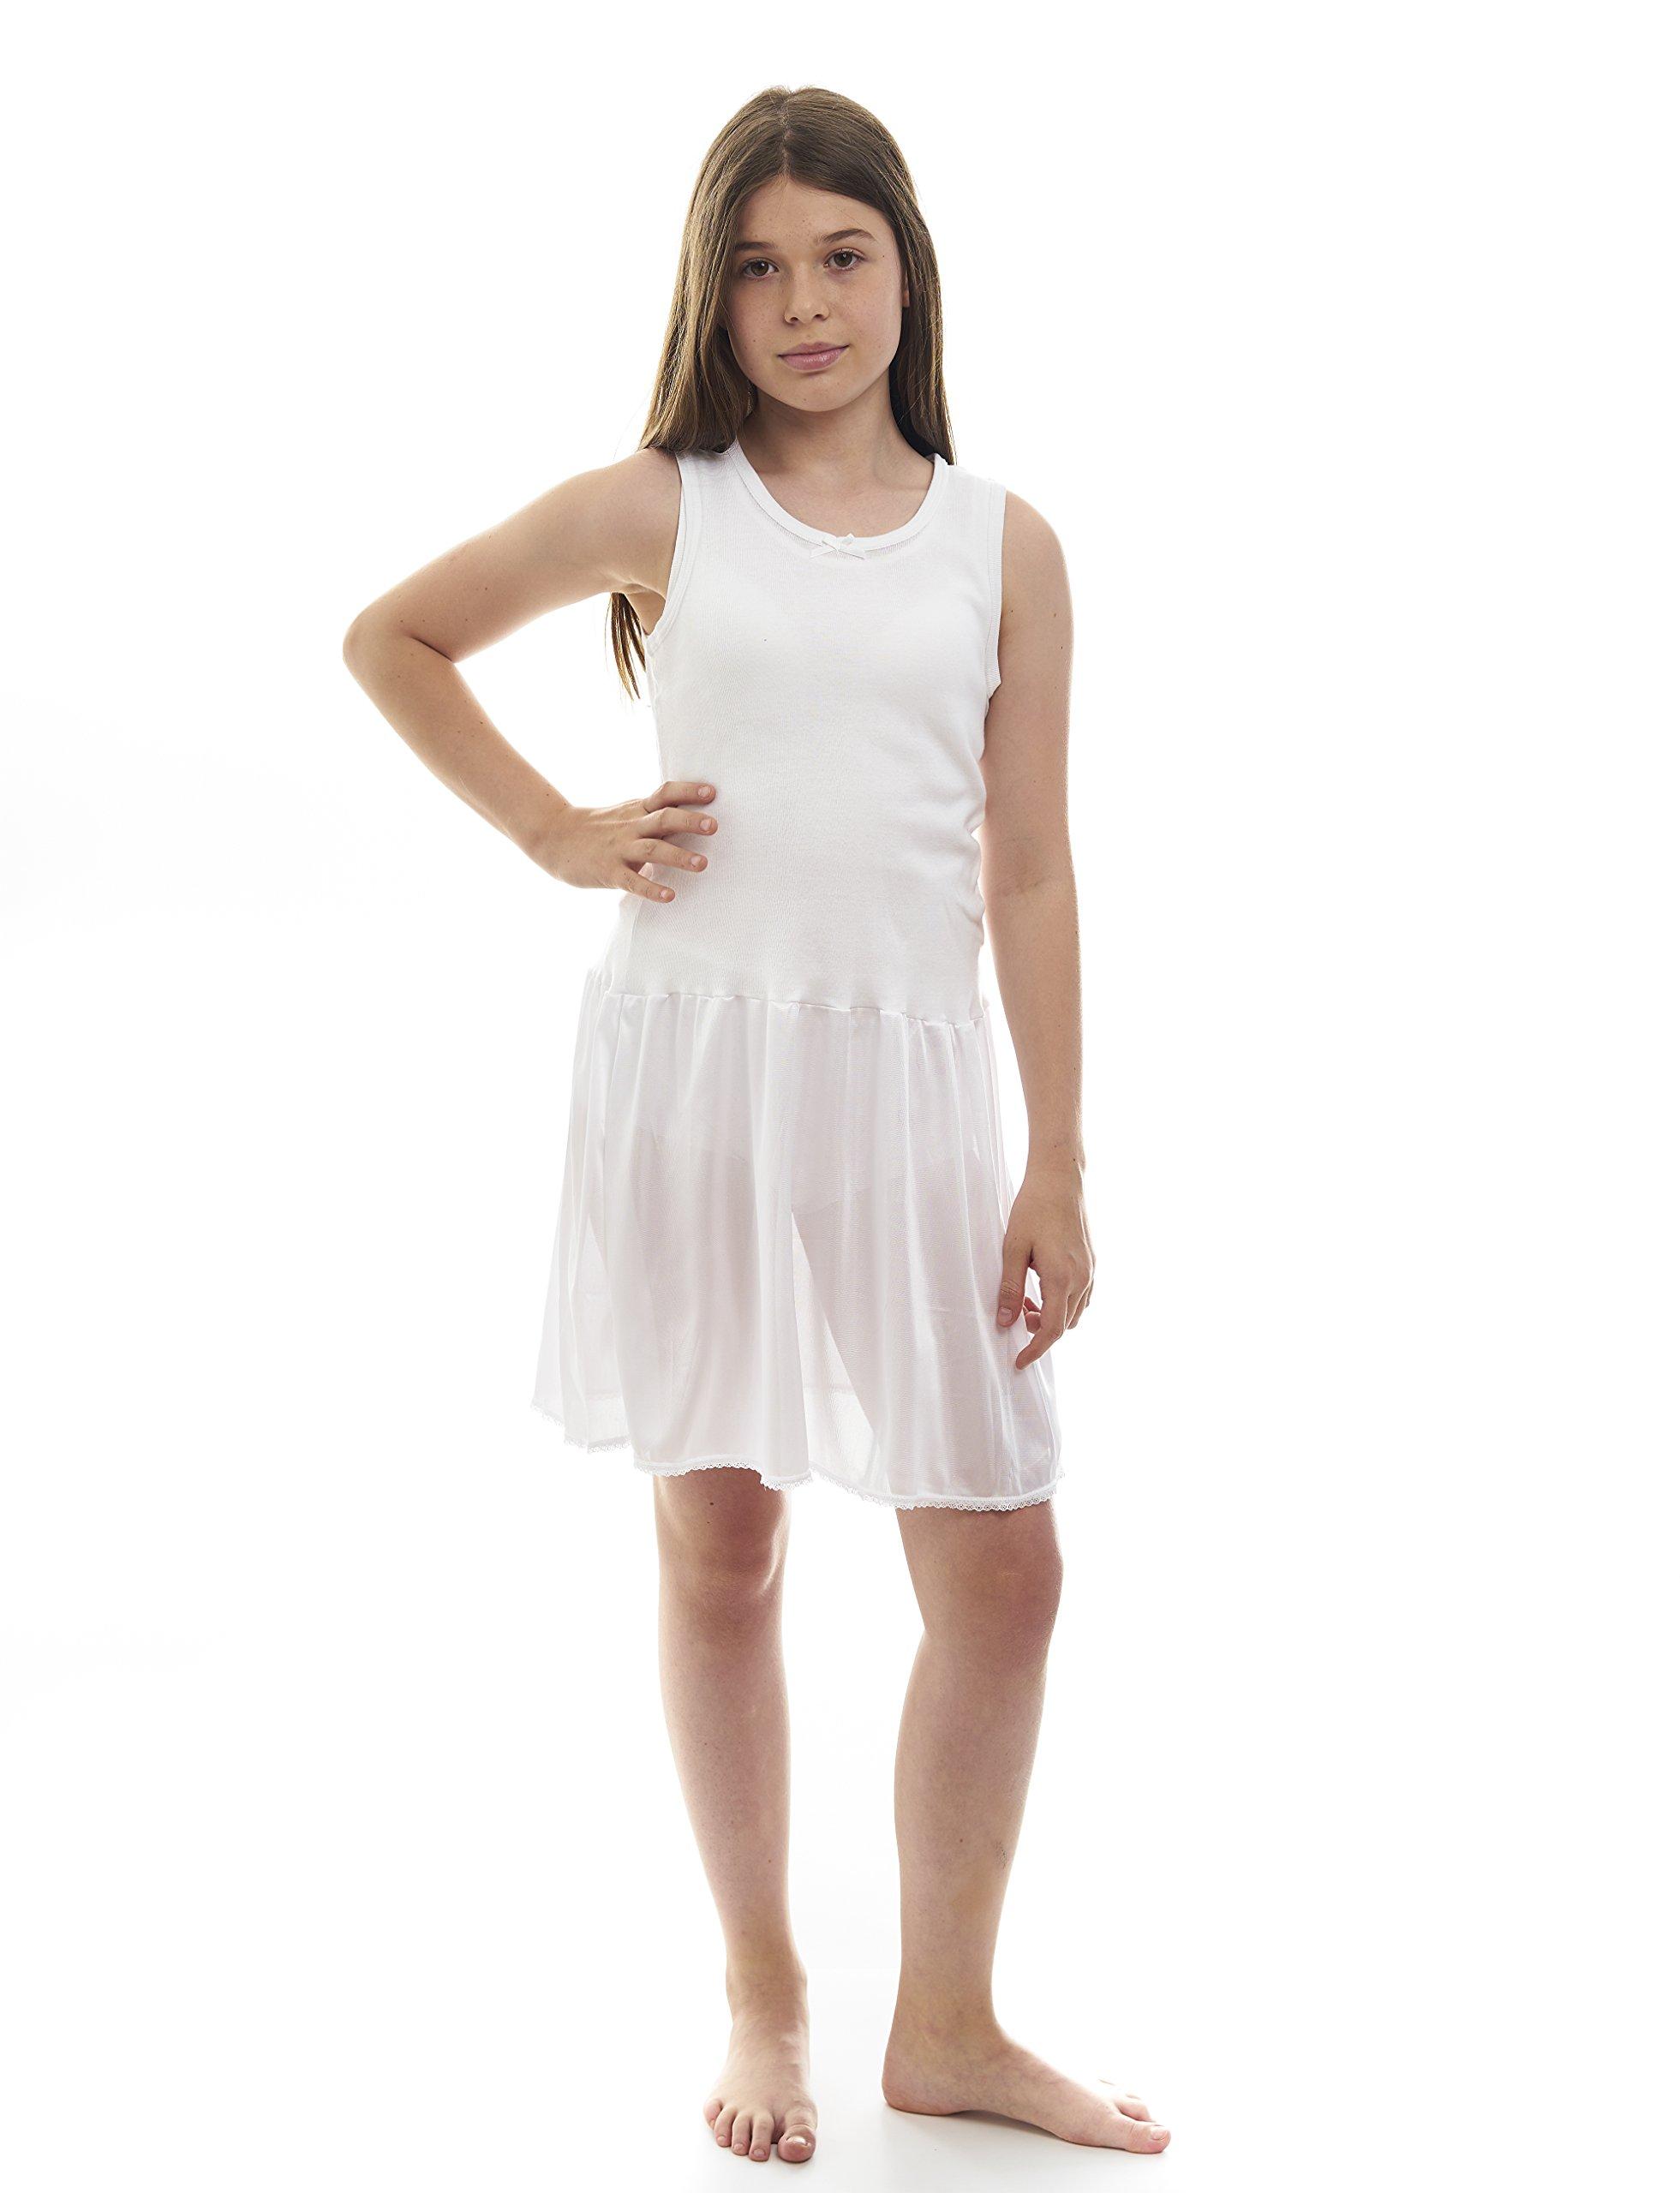 Rossette Sleeveless Full Slip for Girls - Cling Free - Cotton / Nylon Material White 8